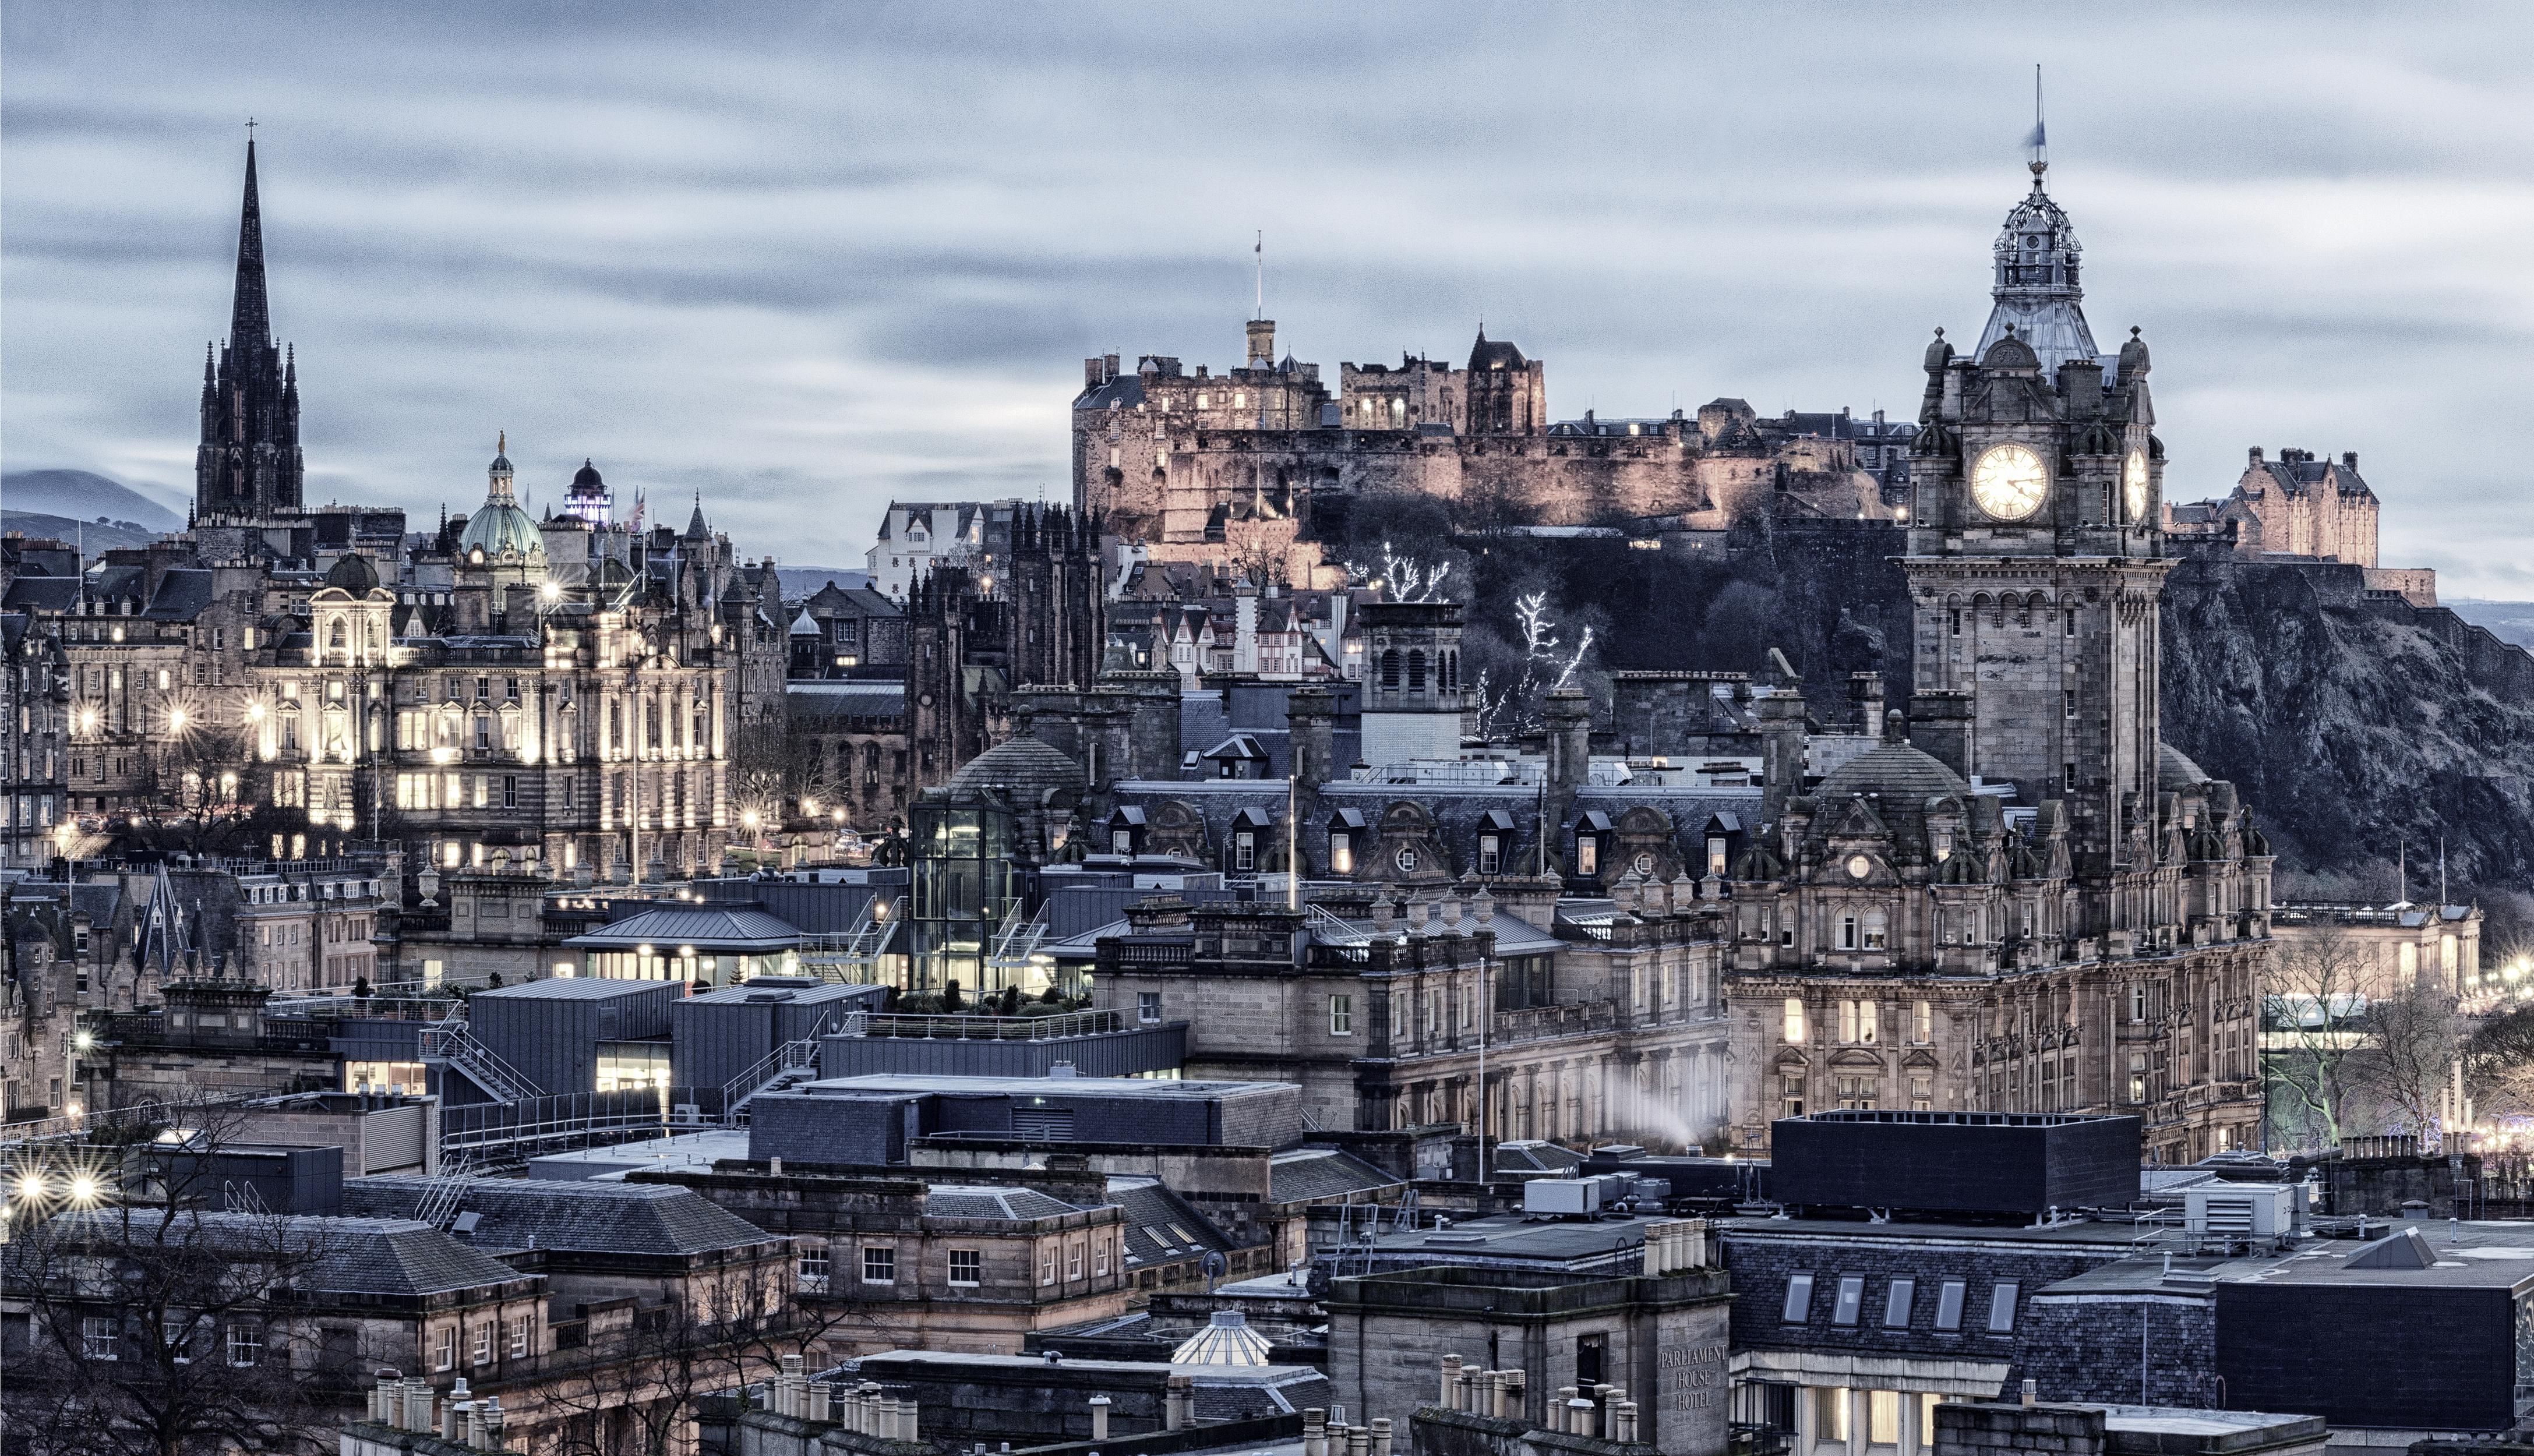 Обои Шотландия, эдинбург, маяк. Пейзажи foto 17